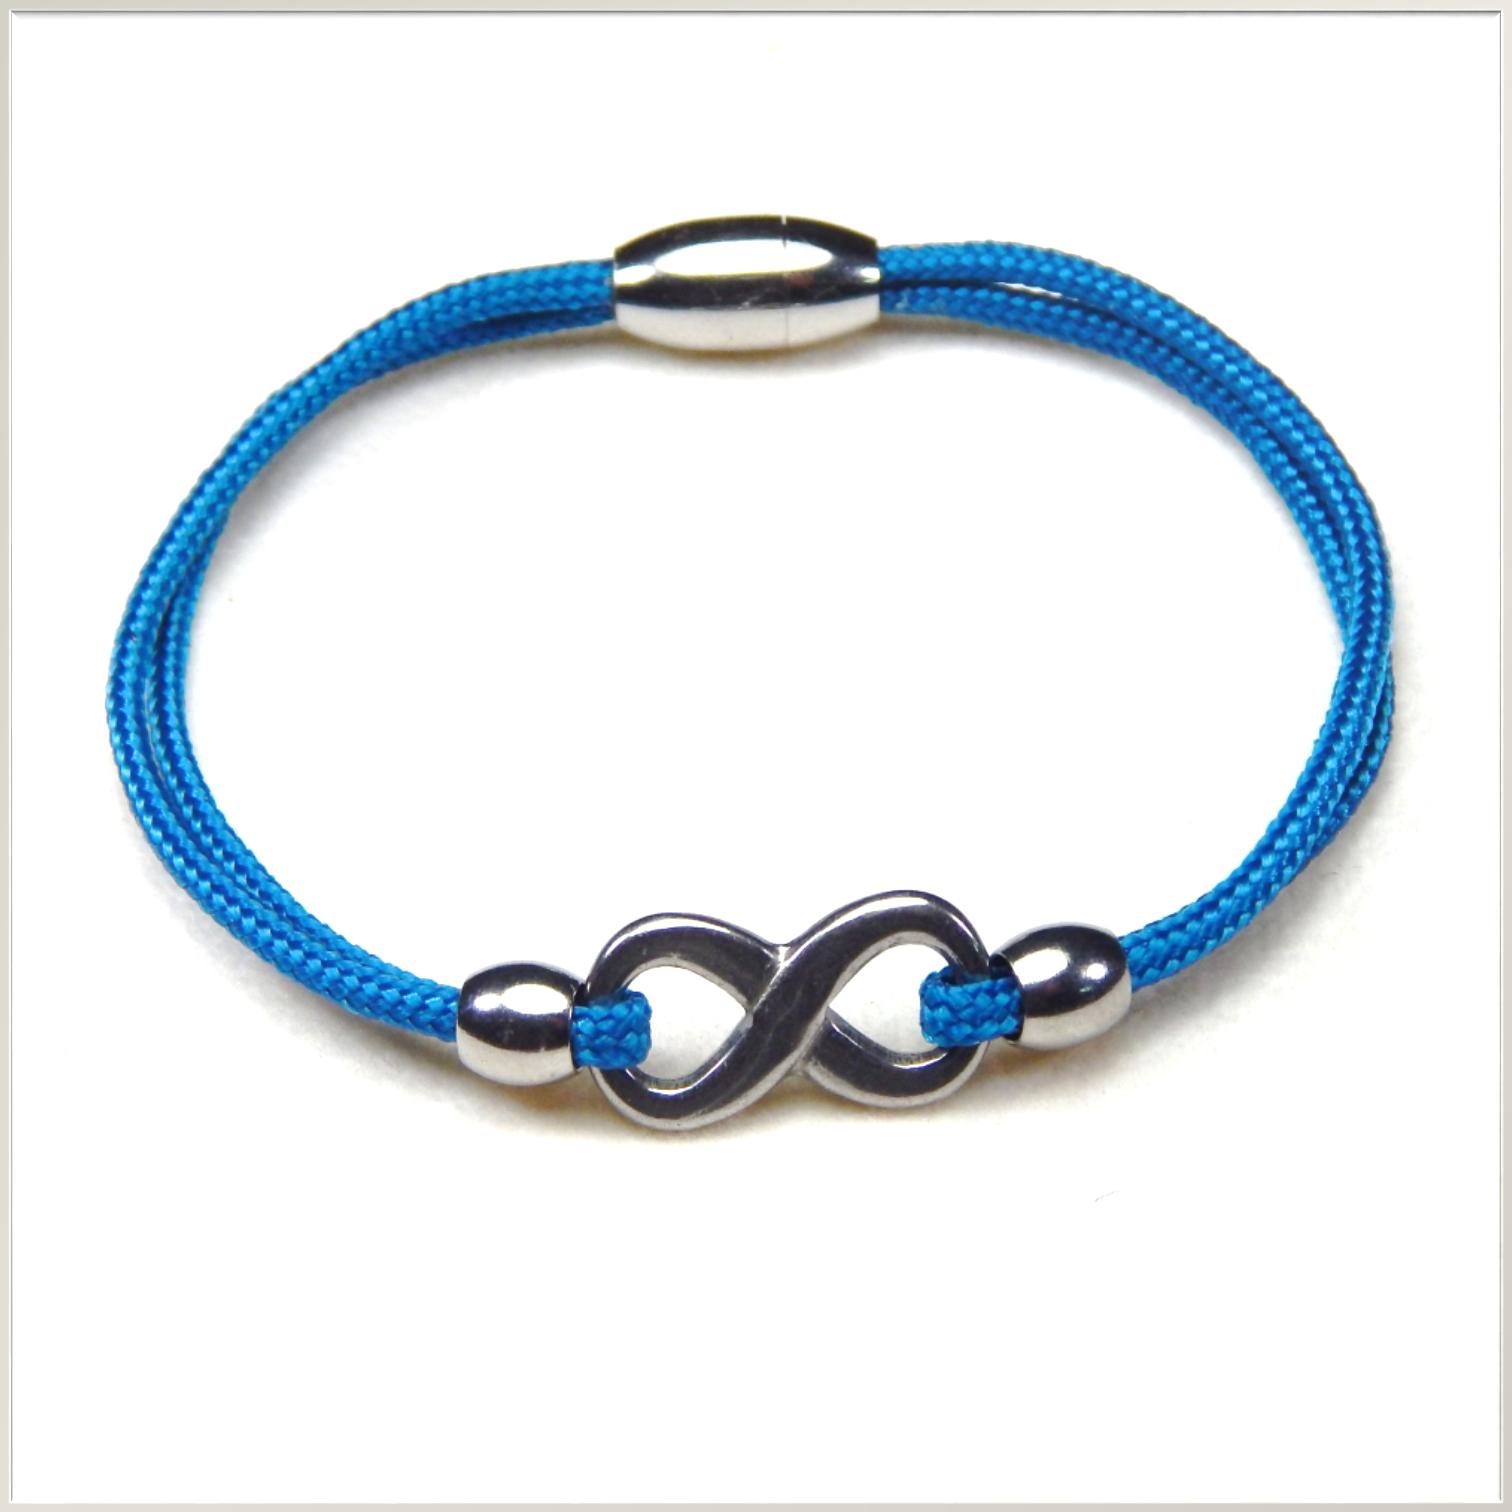 Trendline-Edelstahl_Paracord-Armbänder und mehr